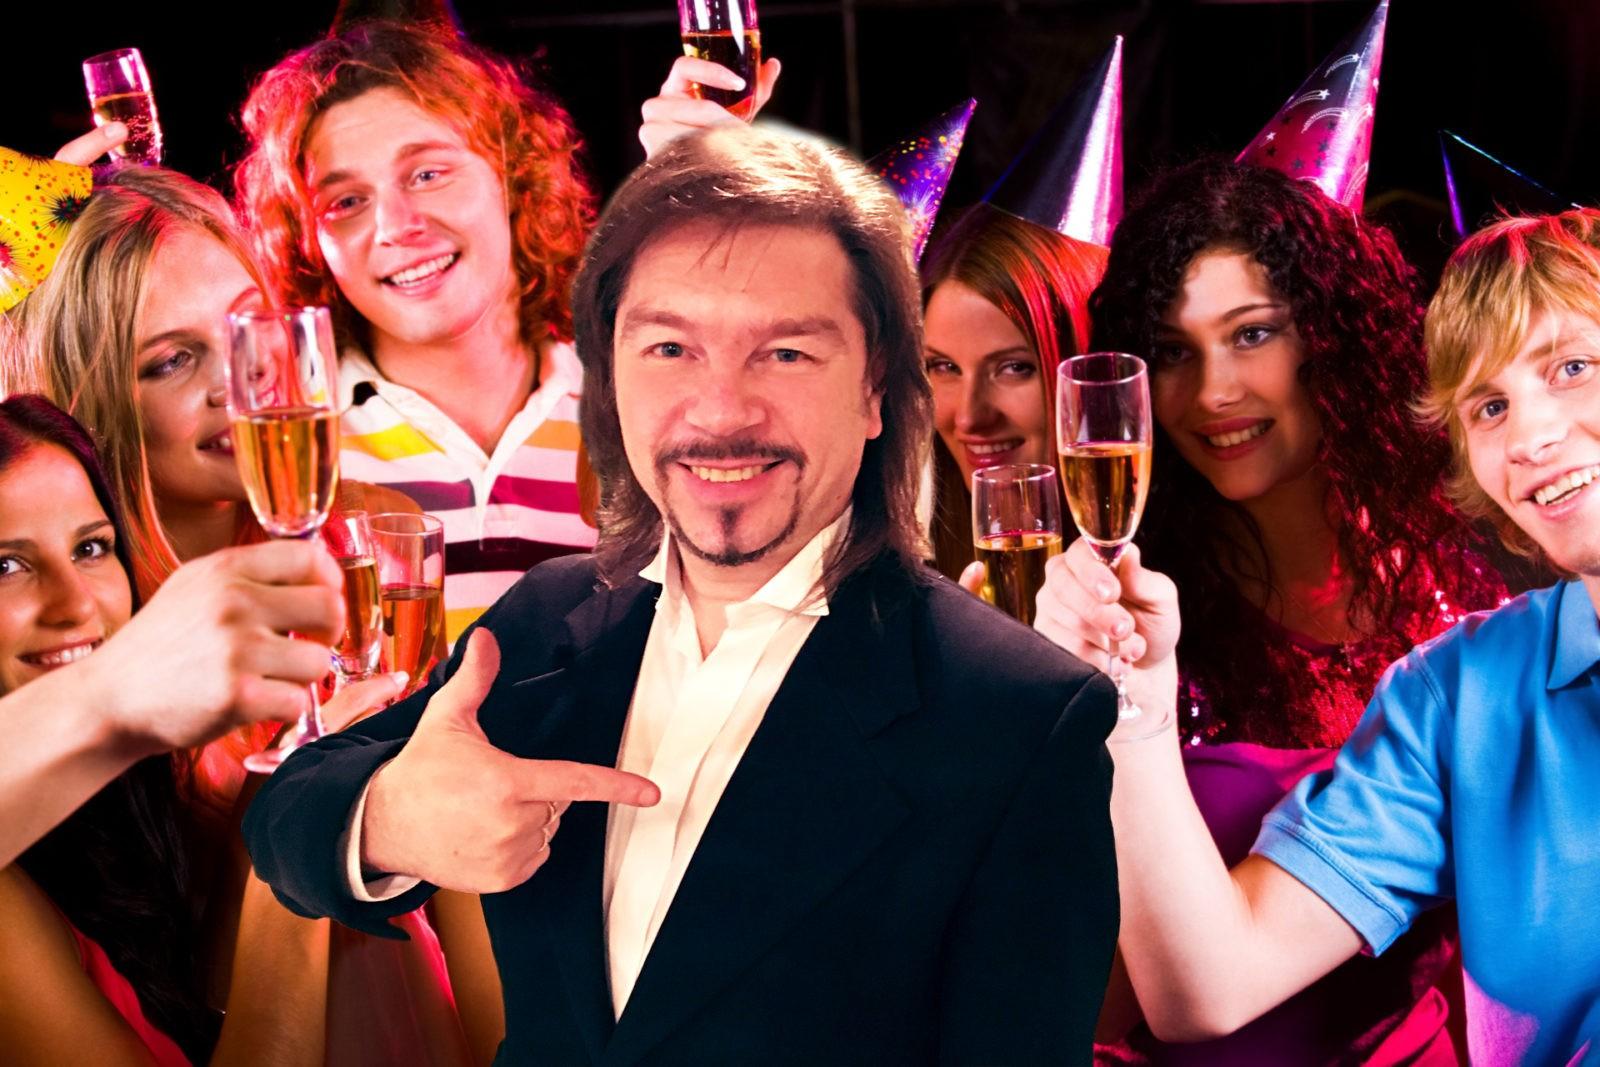 Сценки поздравление на день рождения мужчине